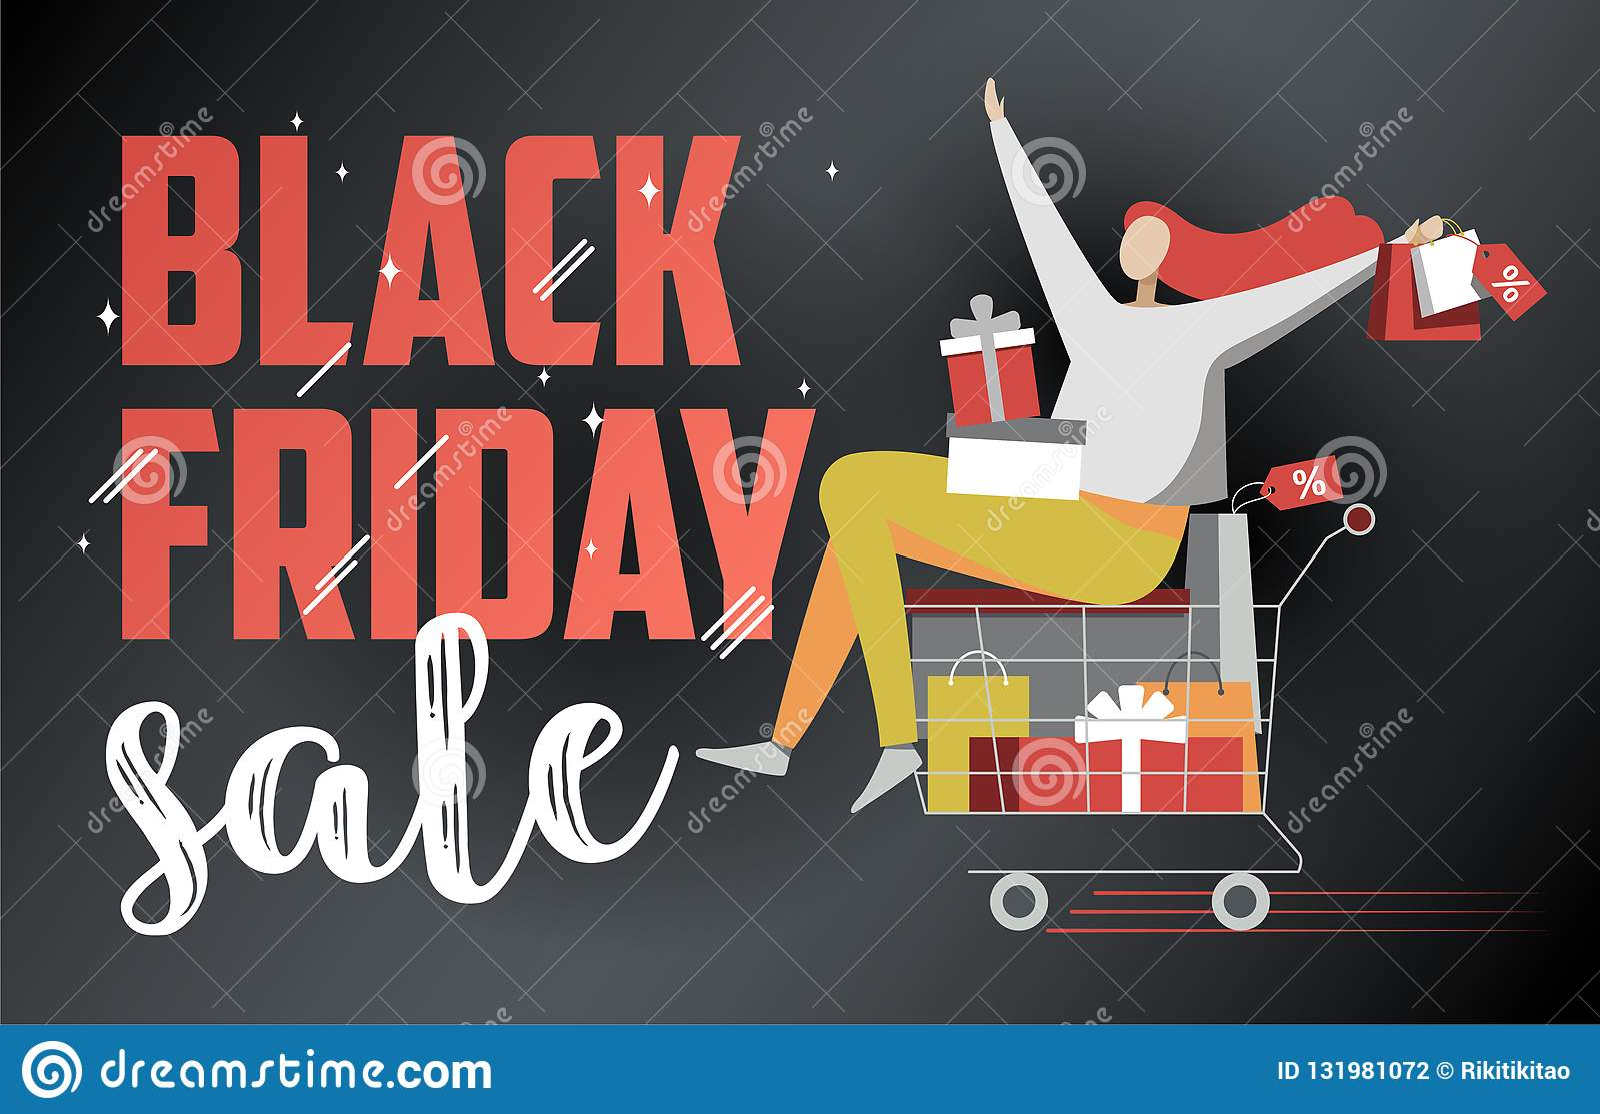 Ejemplo plano de la venta negra de viernes en oscuridad